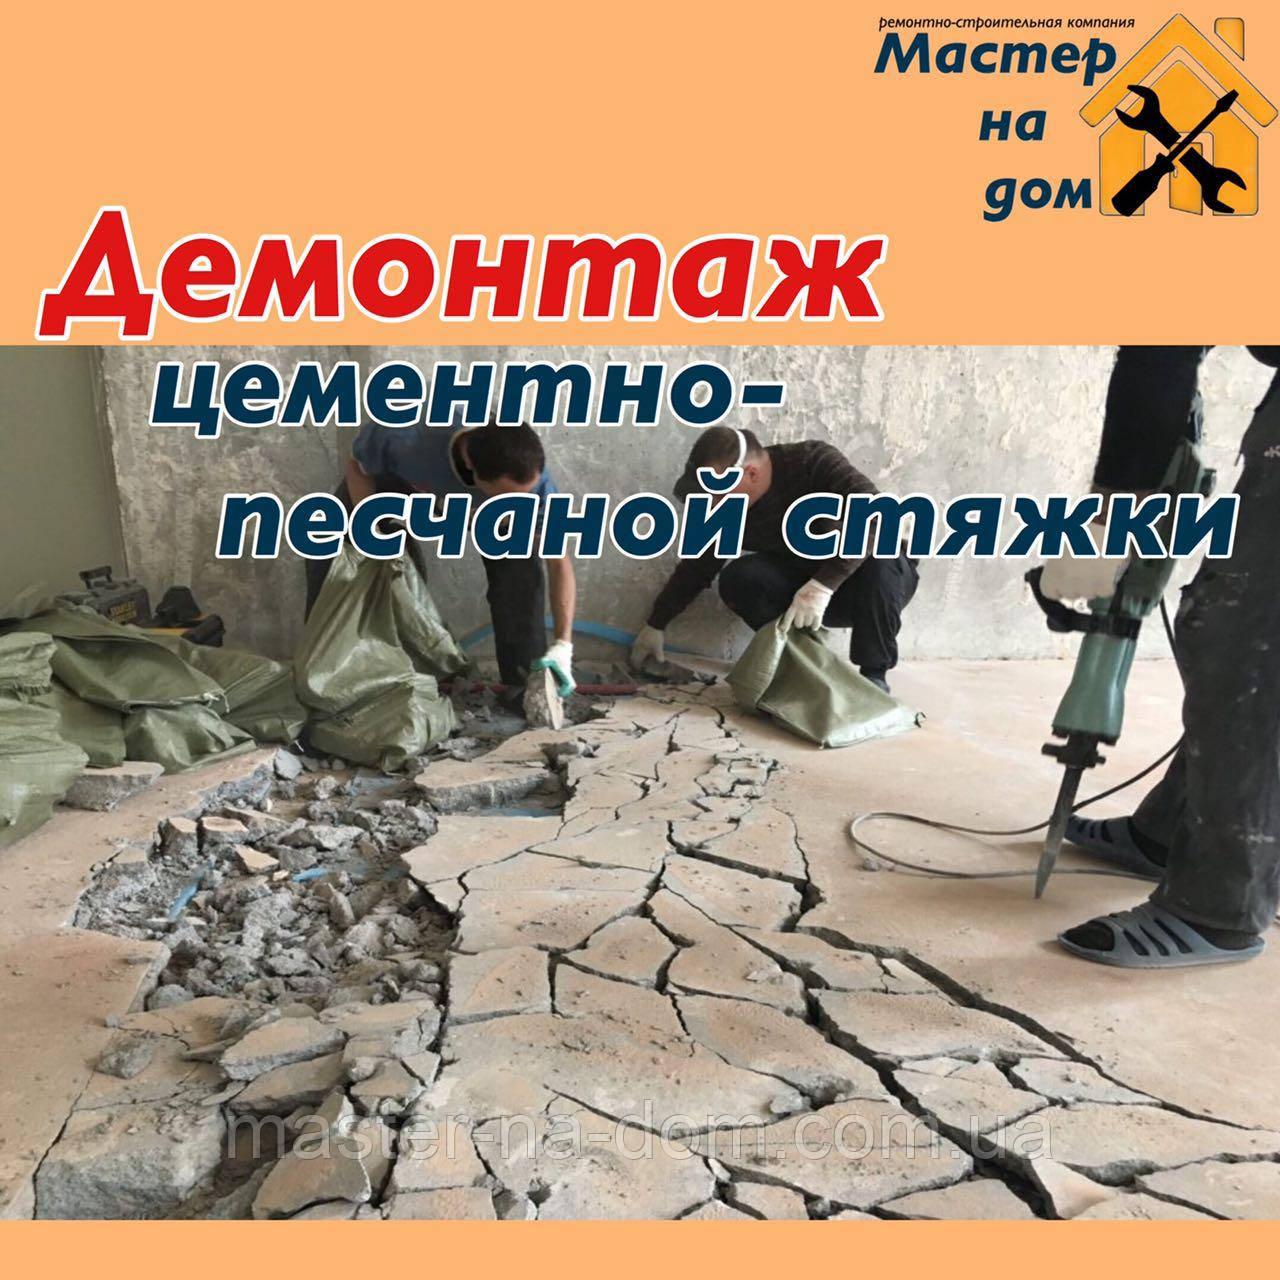 Демонтаж цементно-песчаной стяжки пола в Харькове